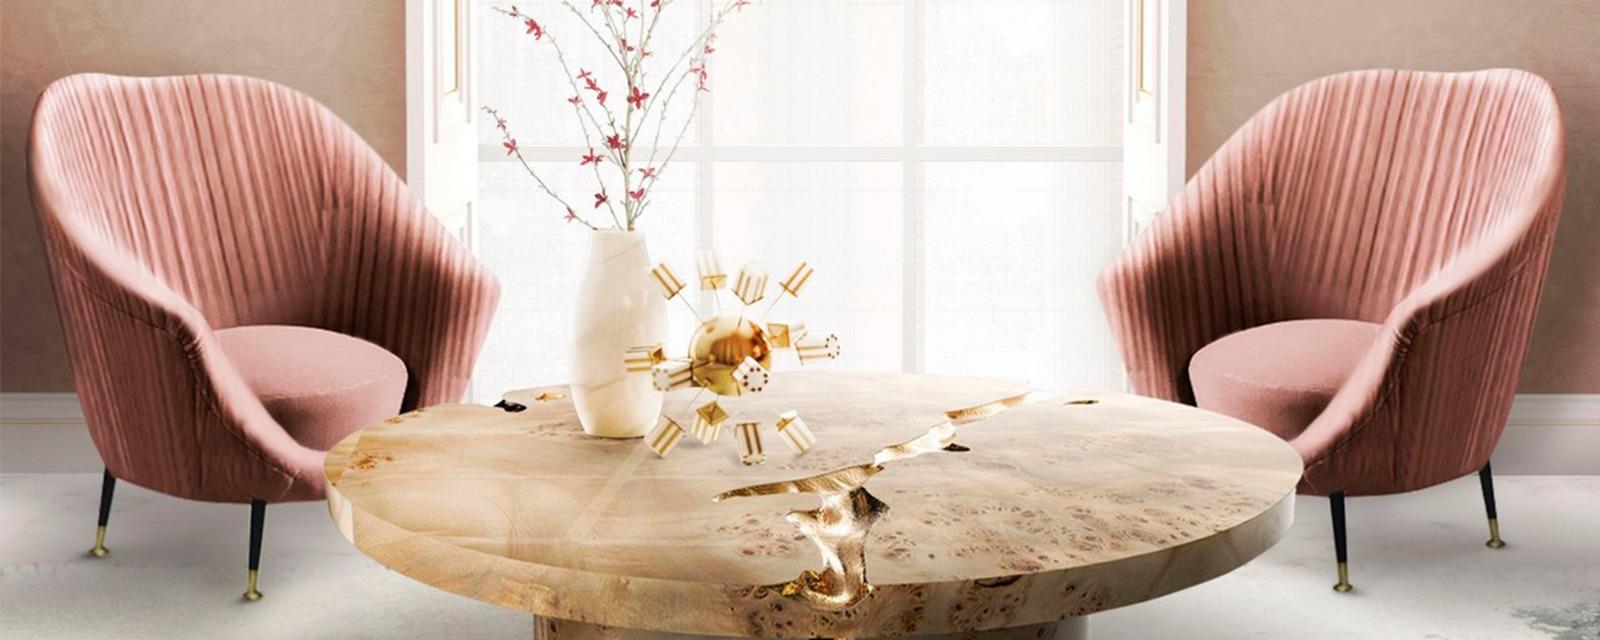 Tendencias para decorar: ideas de mesas de centro de lujo Tendencias para decorar Tendencias para decorar: ideas de mesas de centro de lujo Featured 6